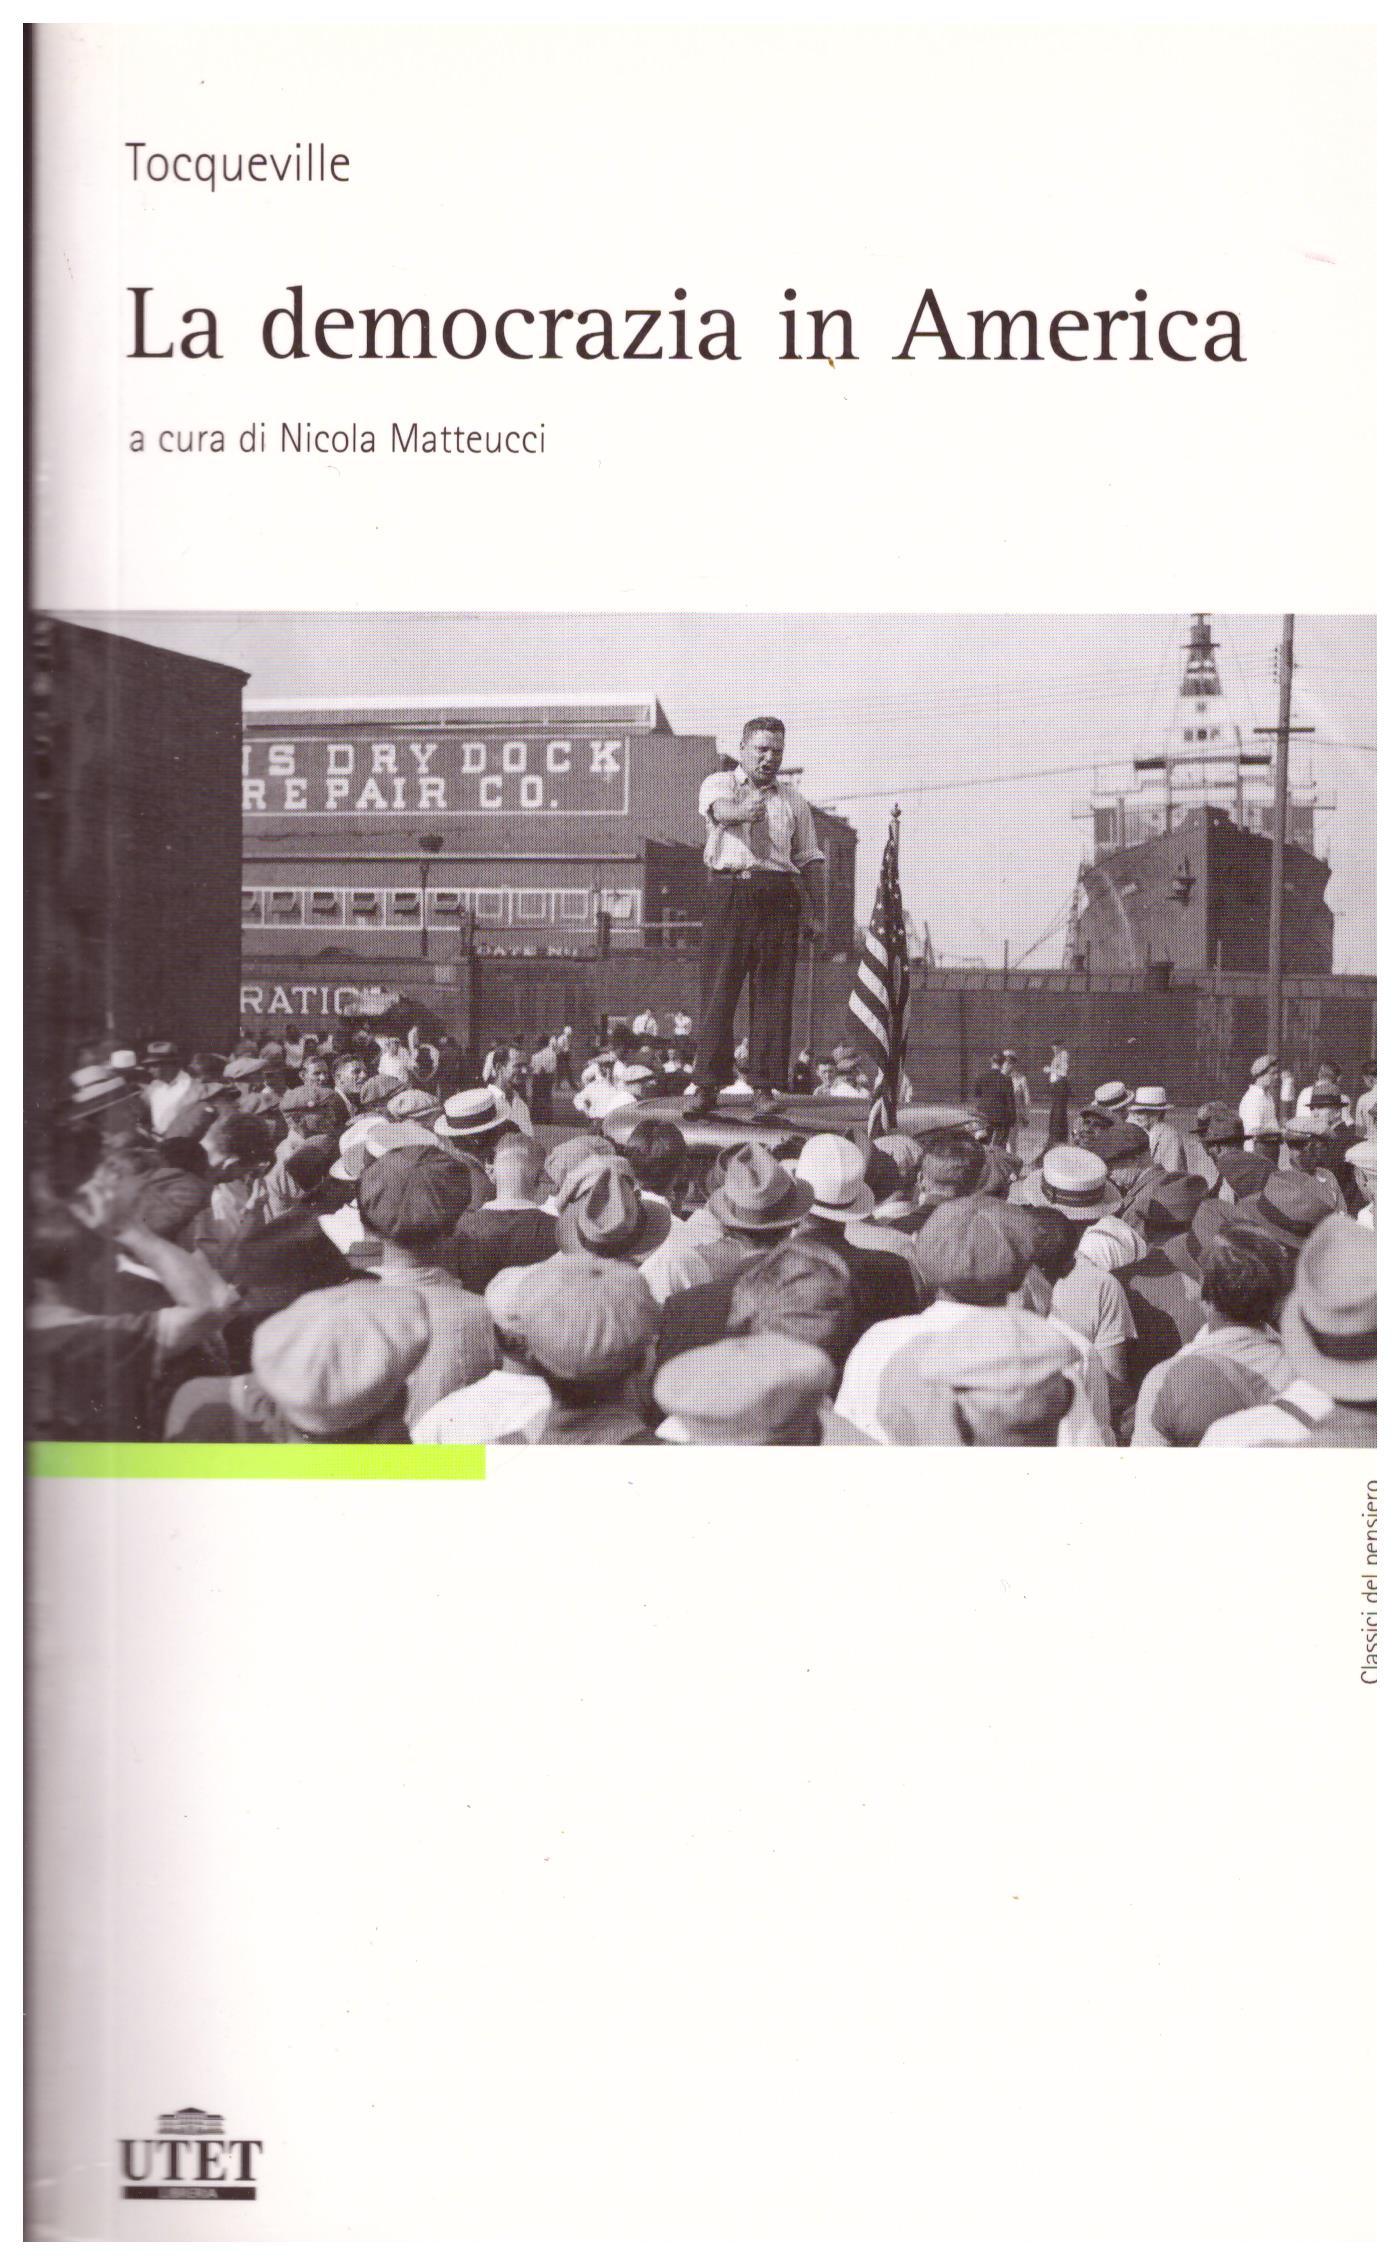 Titolo: La democrazia in America Autore: Alexis De Tocqueville Editore: Utet 2006